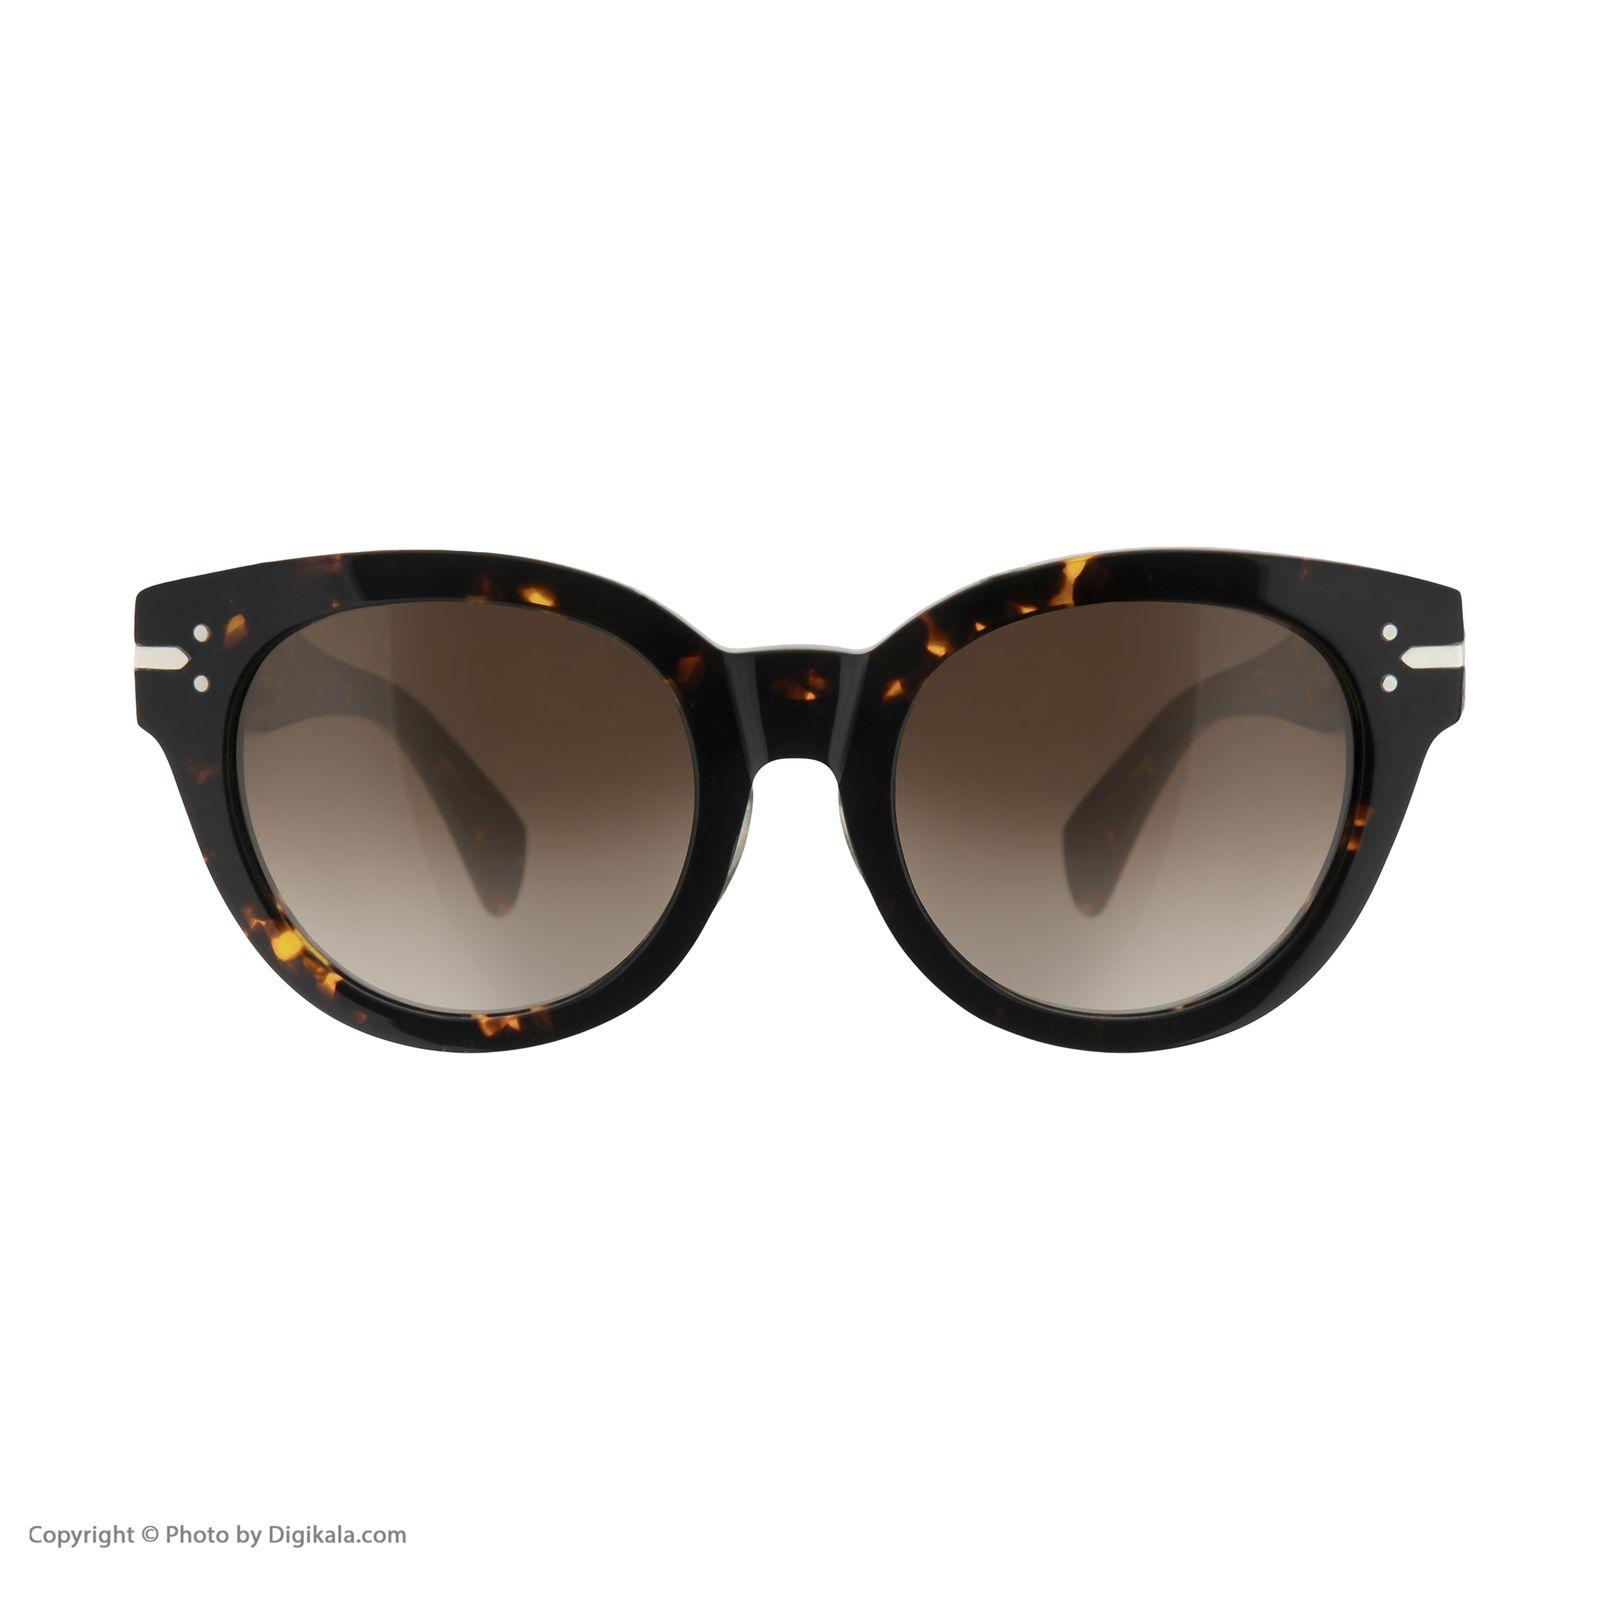 عینک آفتابی سلین مدل 41047 -  - 4